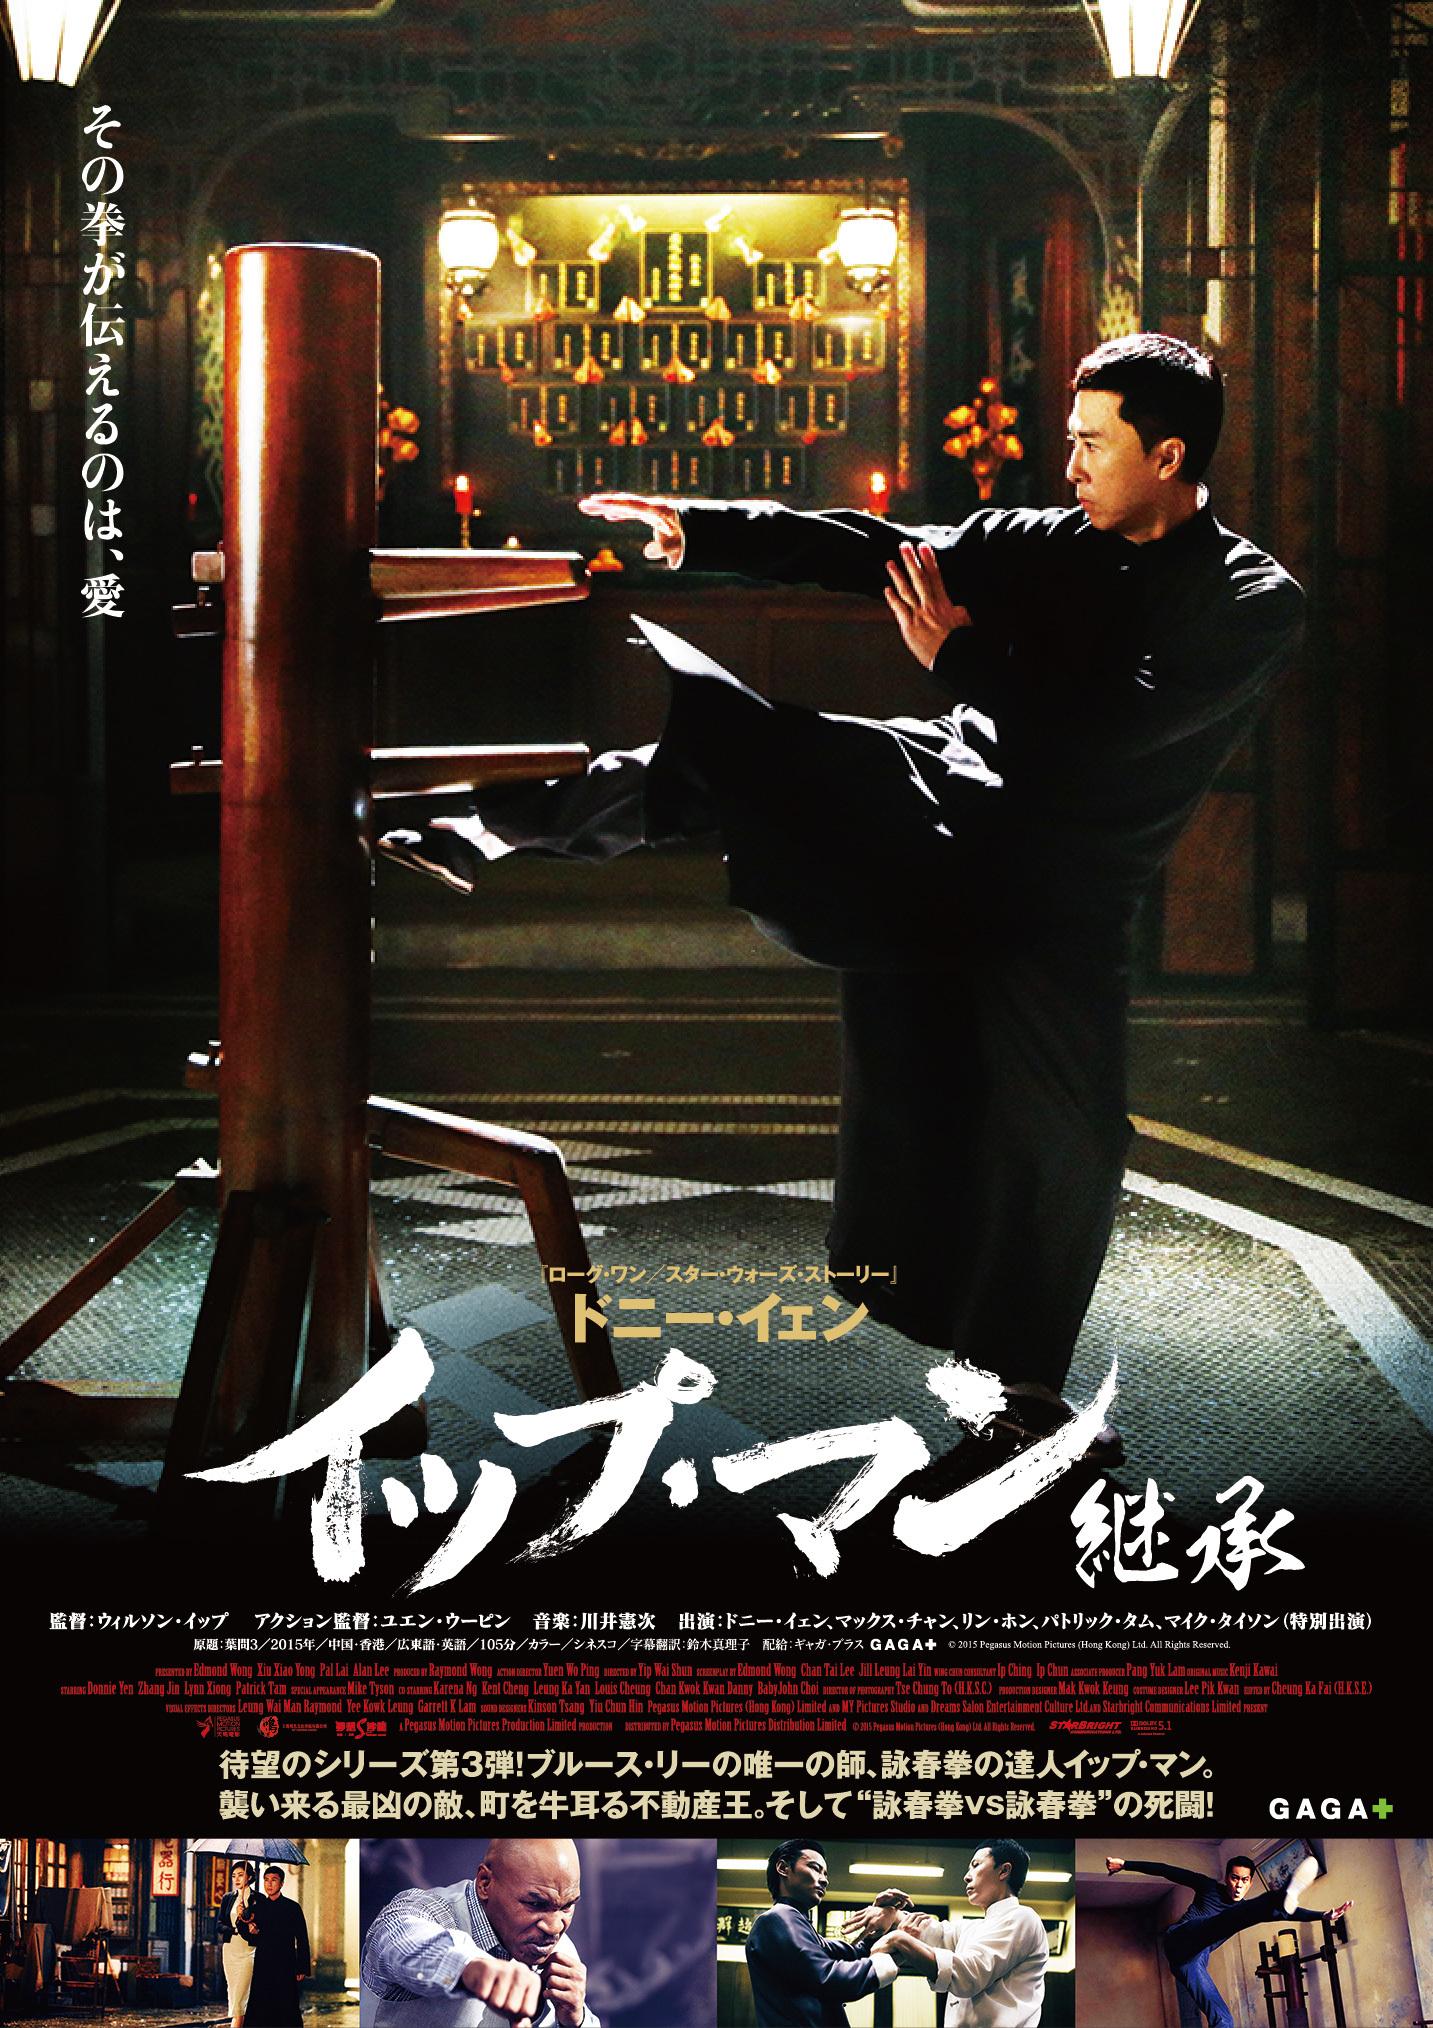 『イップ・マン 継承』日本オリジナルポスター (c)2015 Pegasus Motion Pictures (Hong Kong) Ltd. All Rights Reserved.